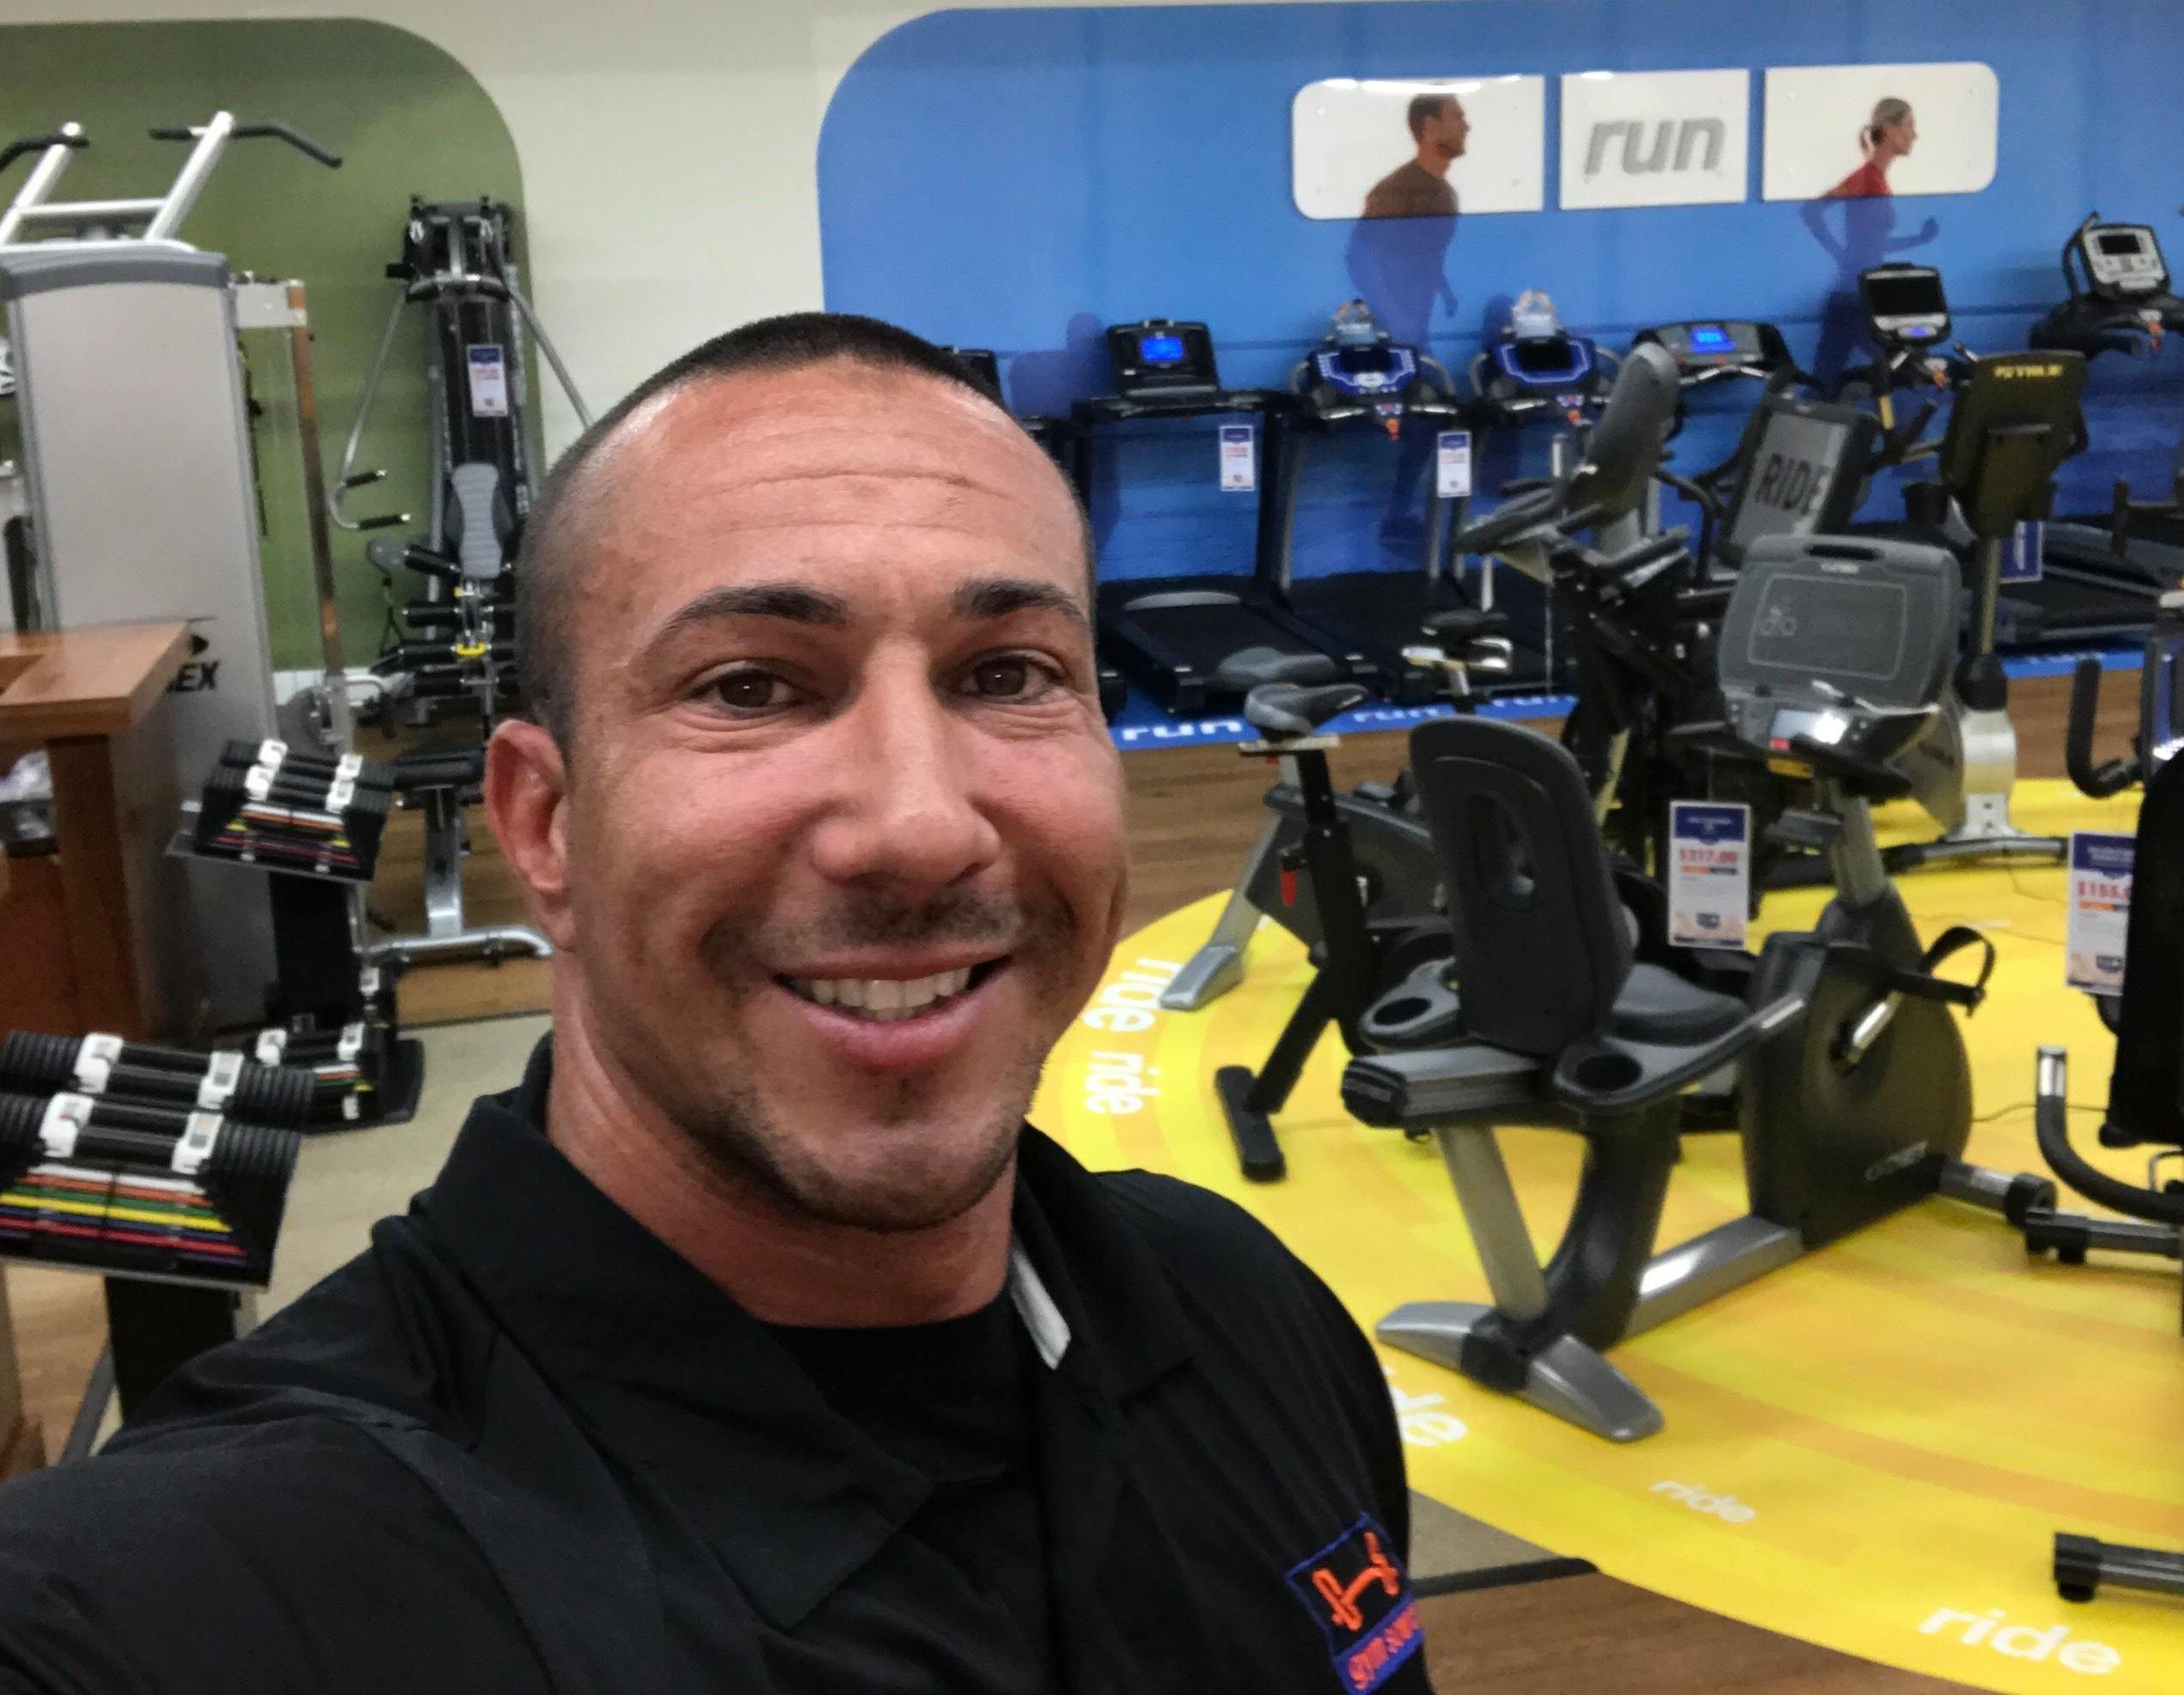 Gym Source, Naples Florida (FL) - LocalDatabase.com